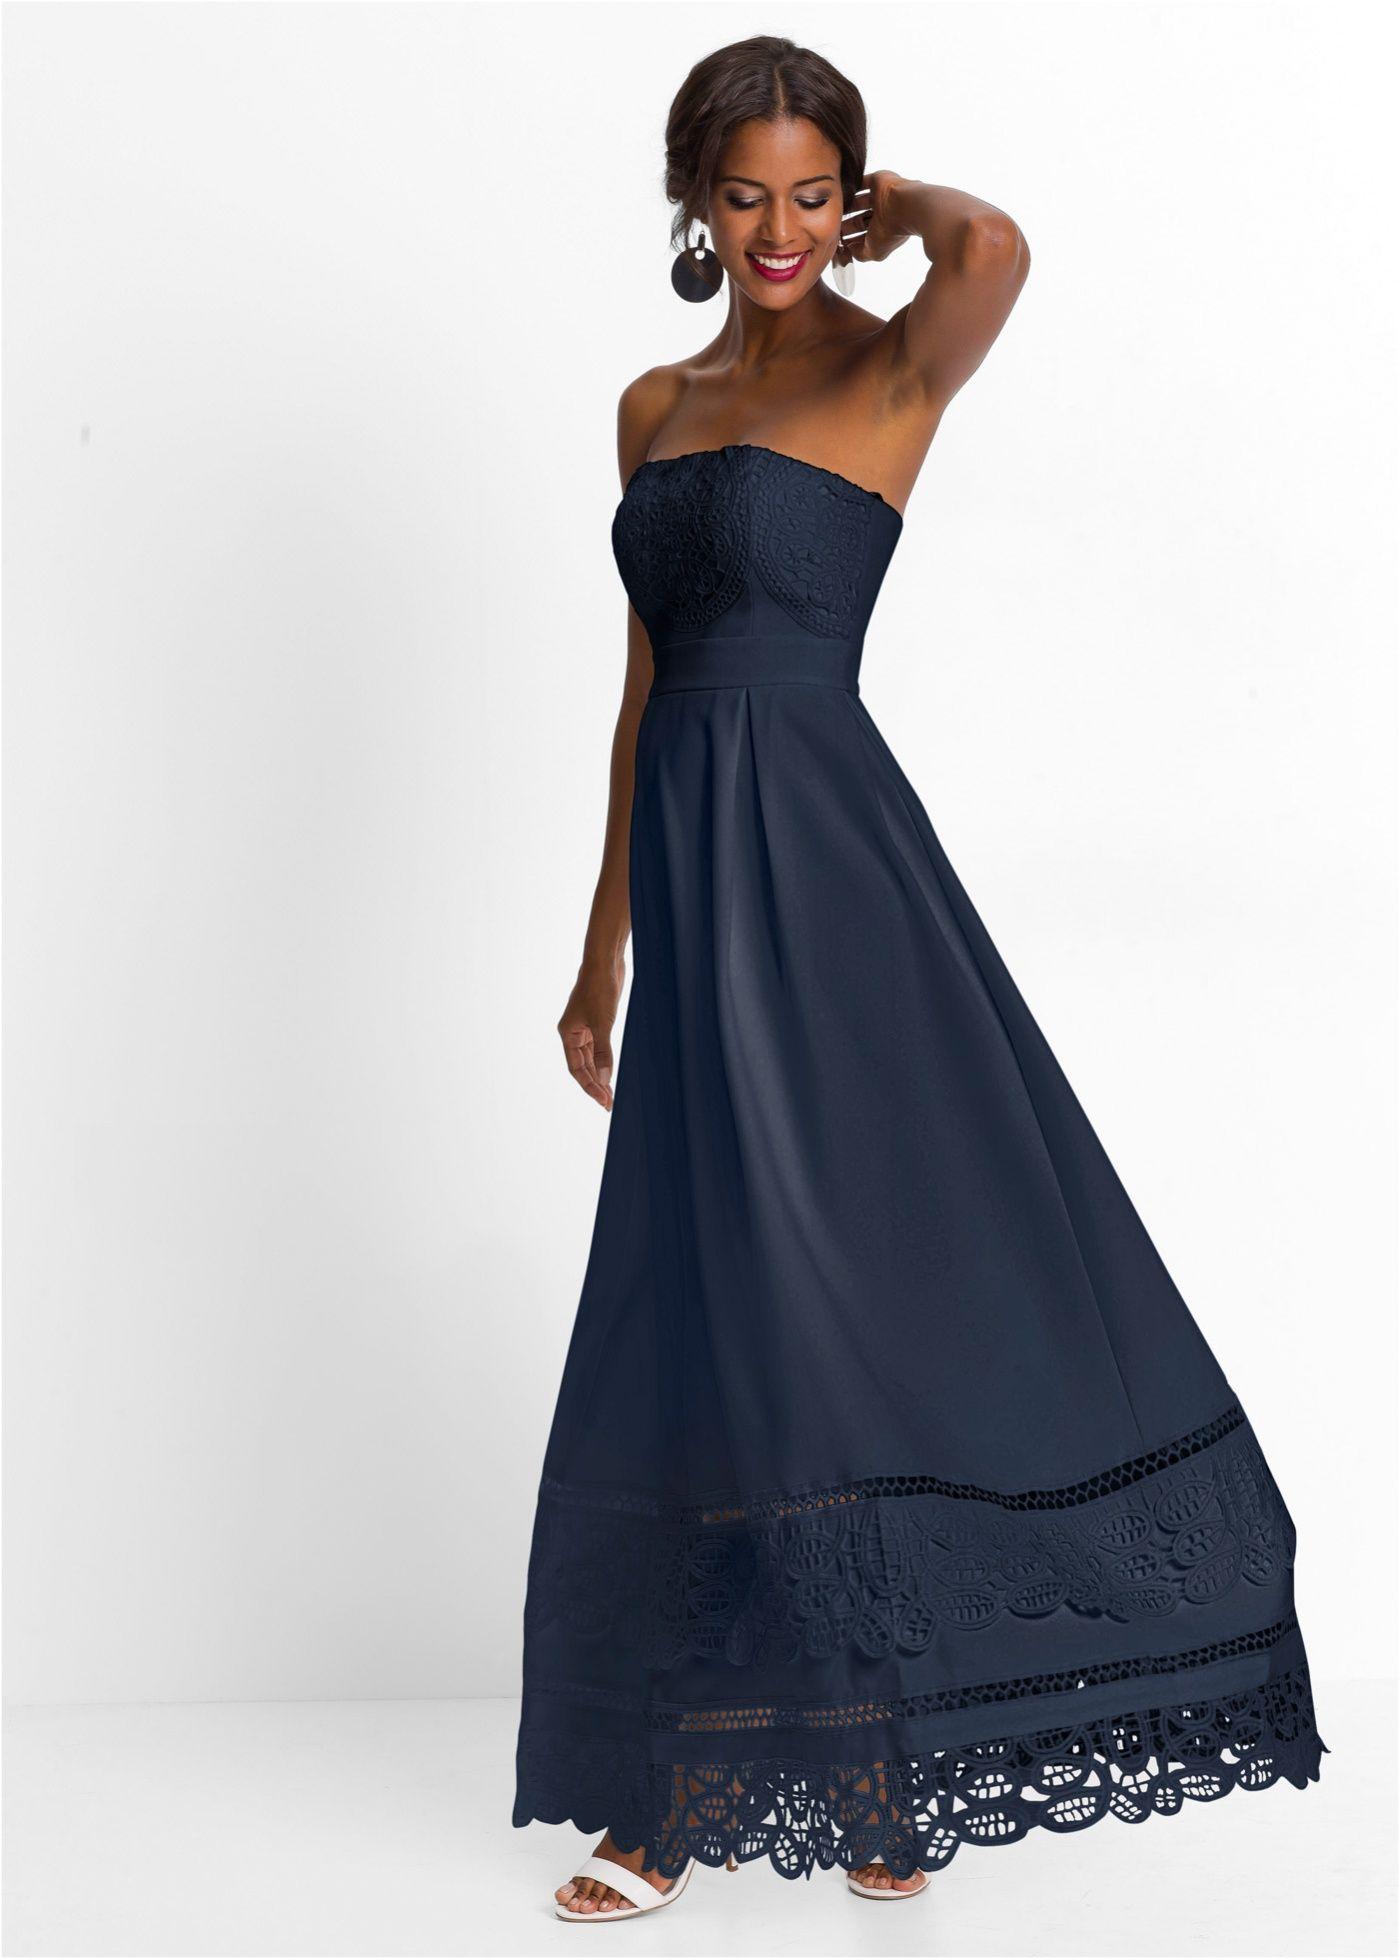 16,16 Zauberhaftes Korsagen-Hochzeitskleid mit weitem Rock